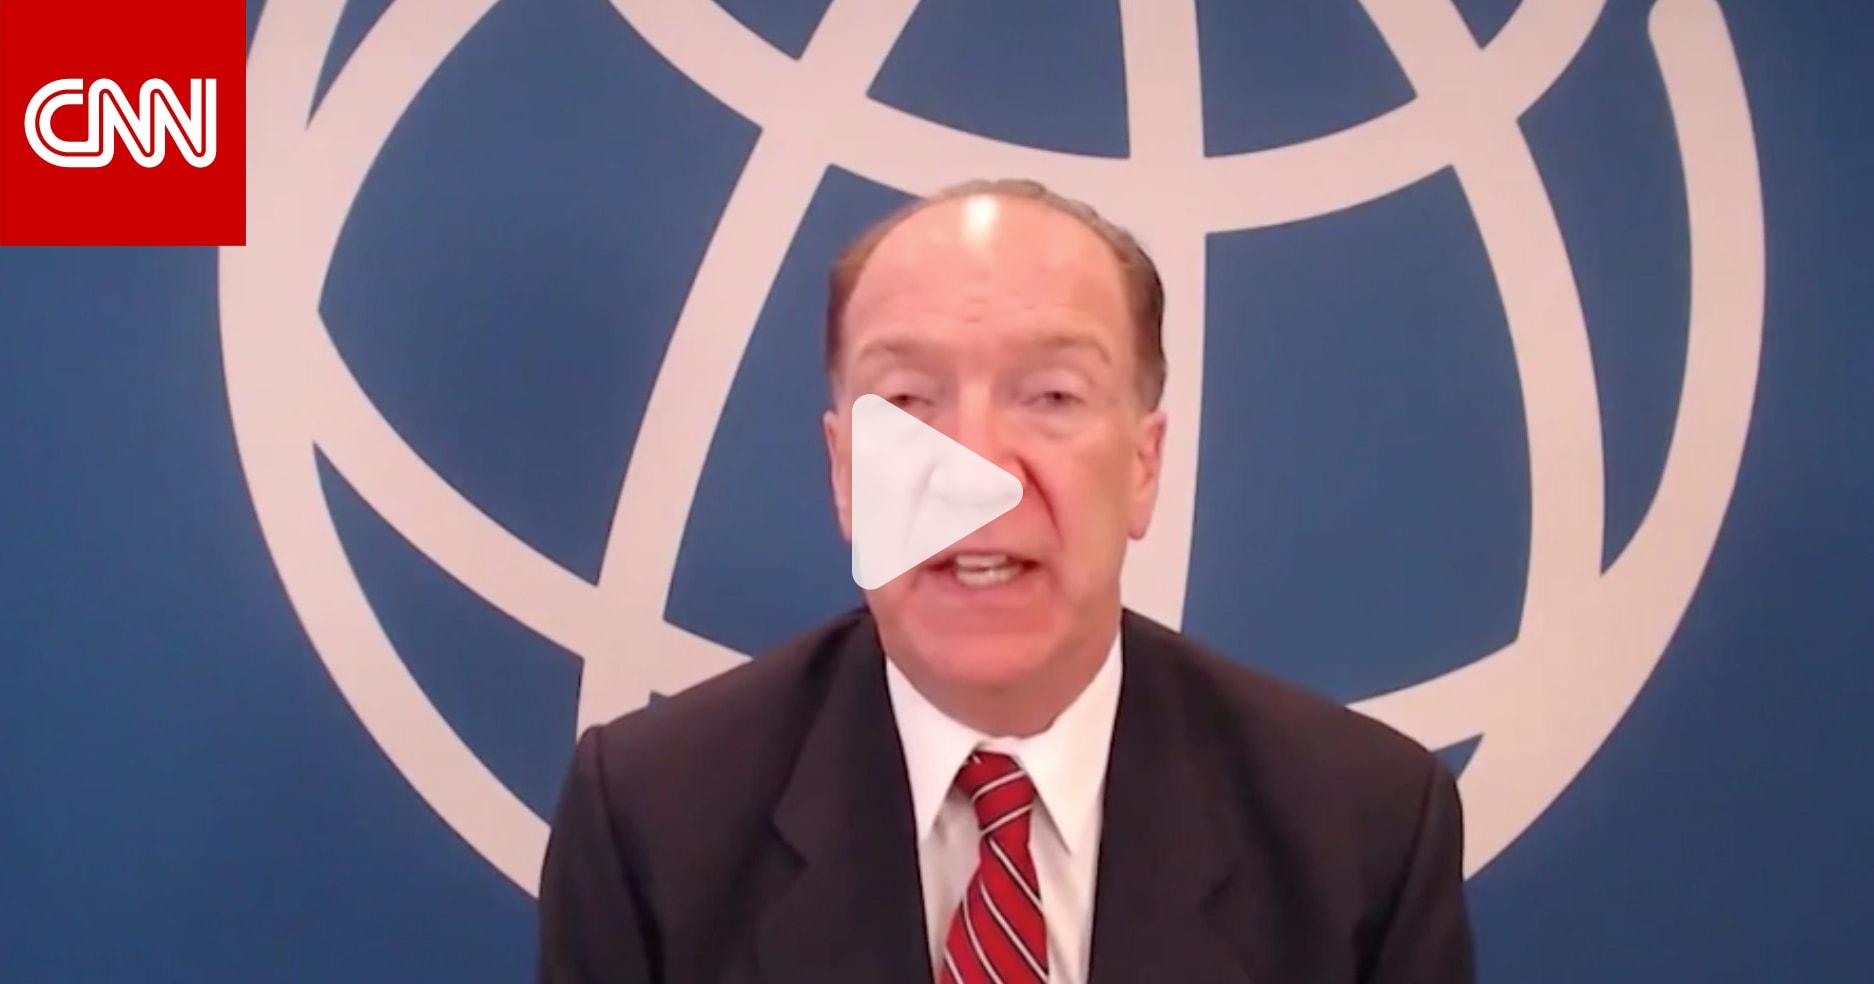 """في حوار مع CNN.. رئيس البنك الدولي يقر بـ""""أخطاء"""" في رفع تصنيف السعودية والصين"""